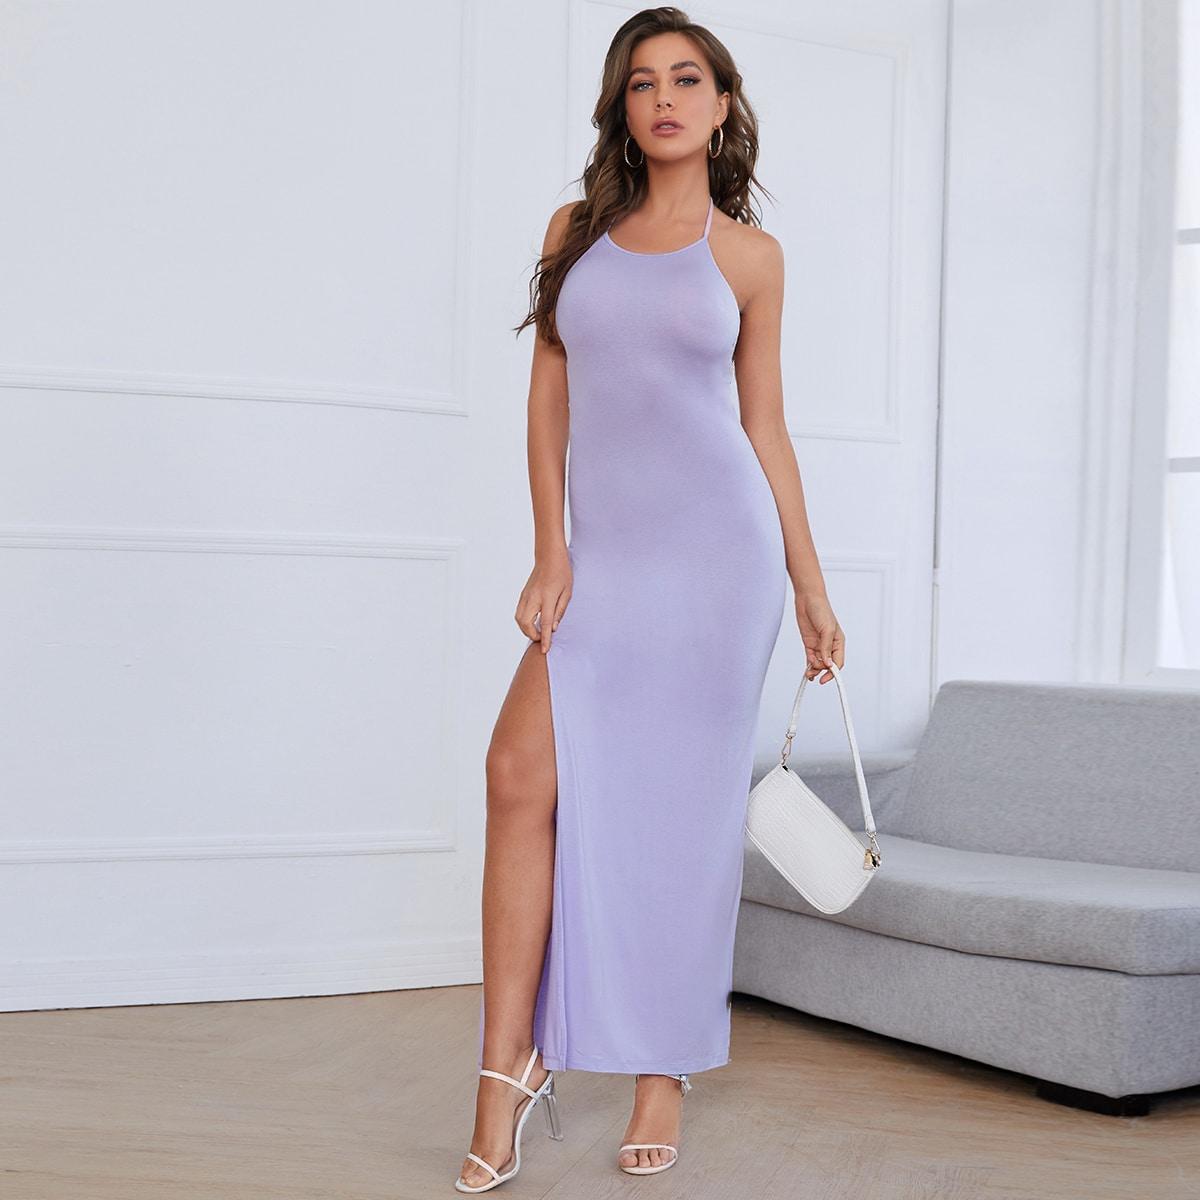 Однотонное платье с высоким разрезом